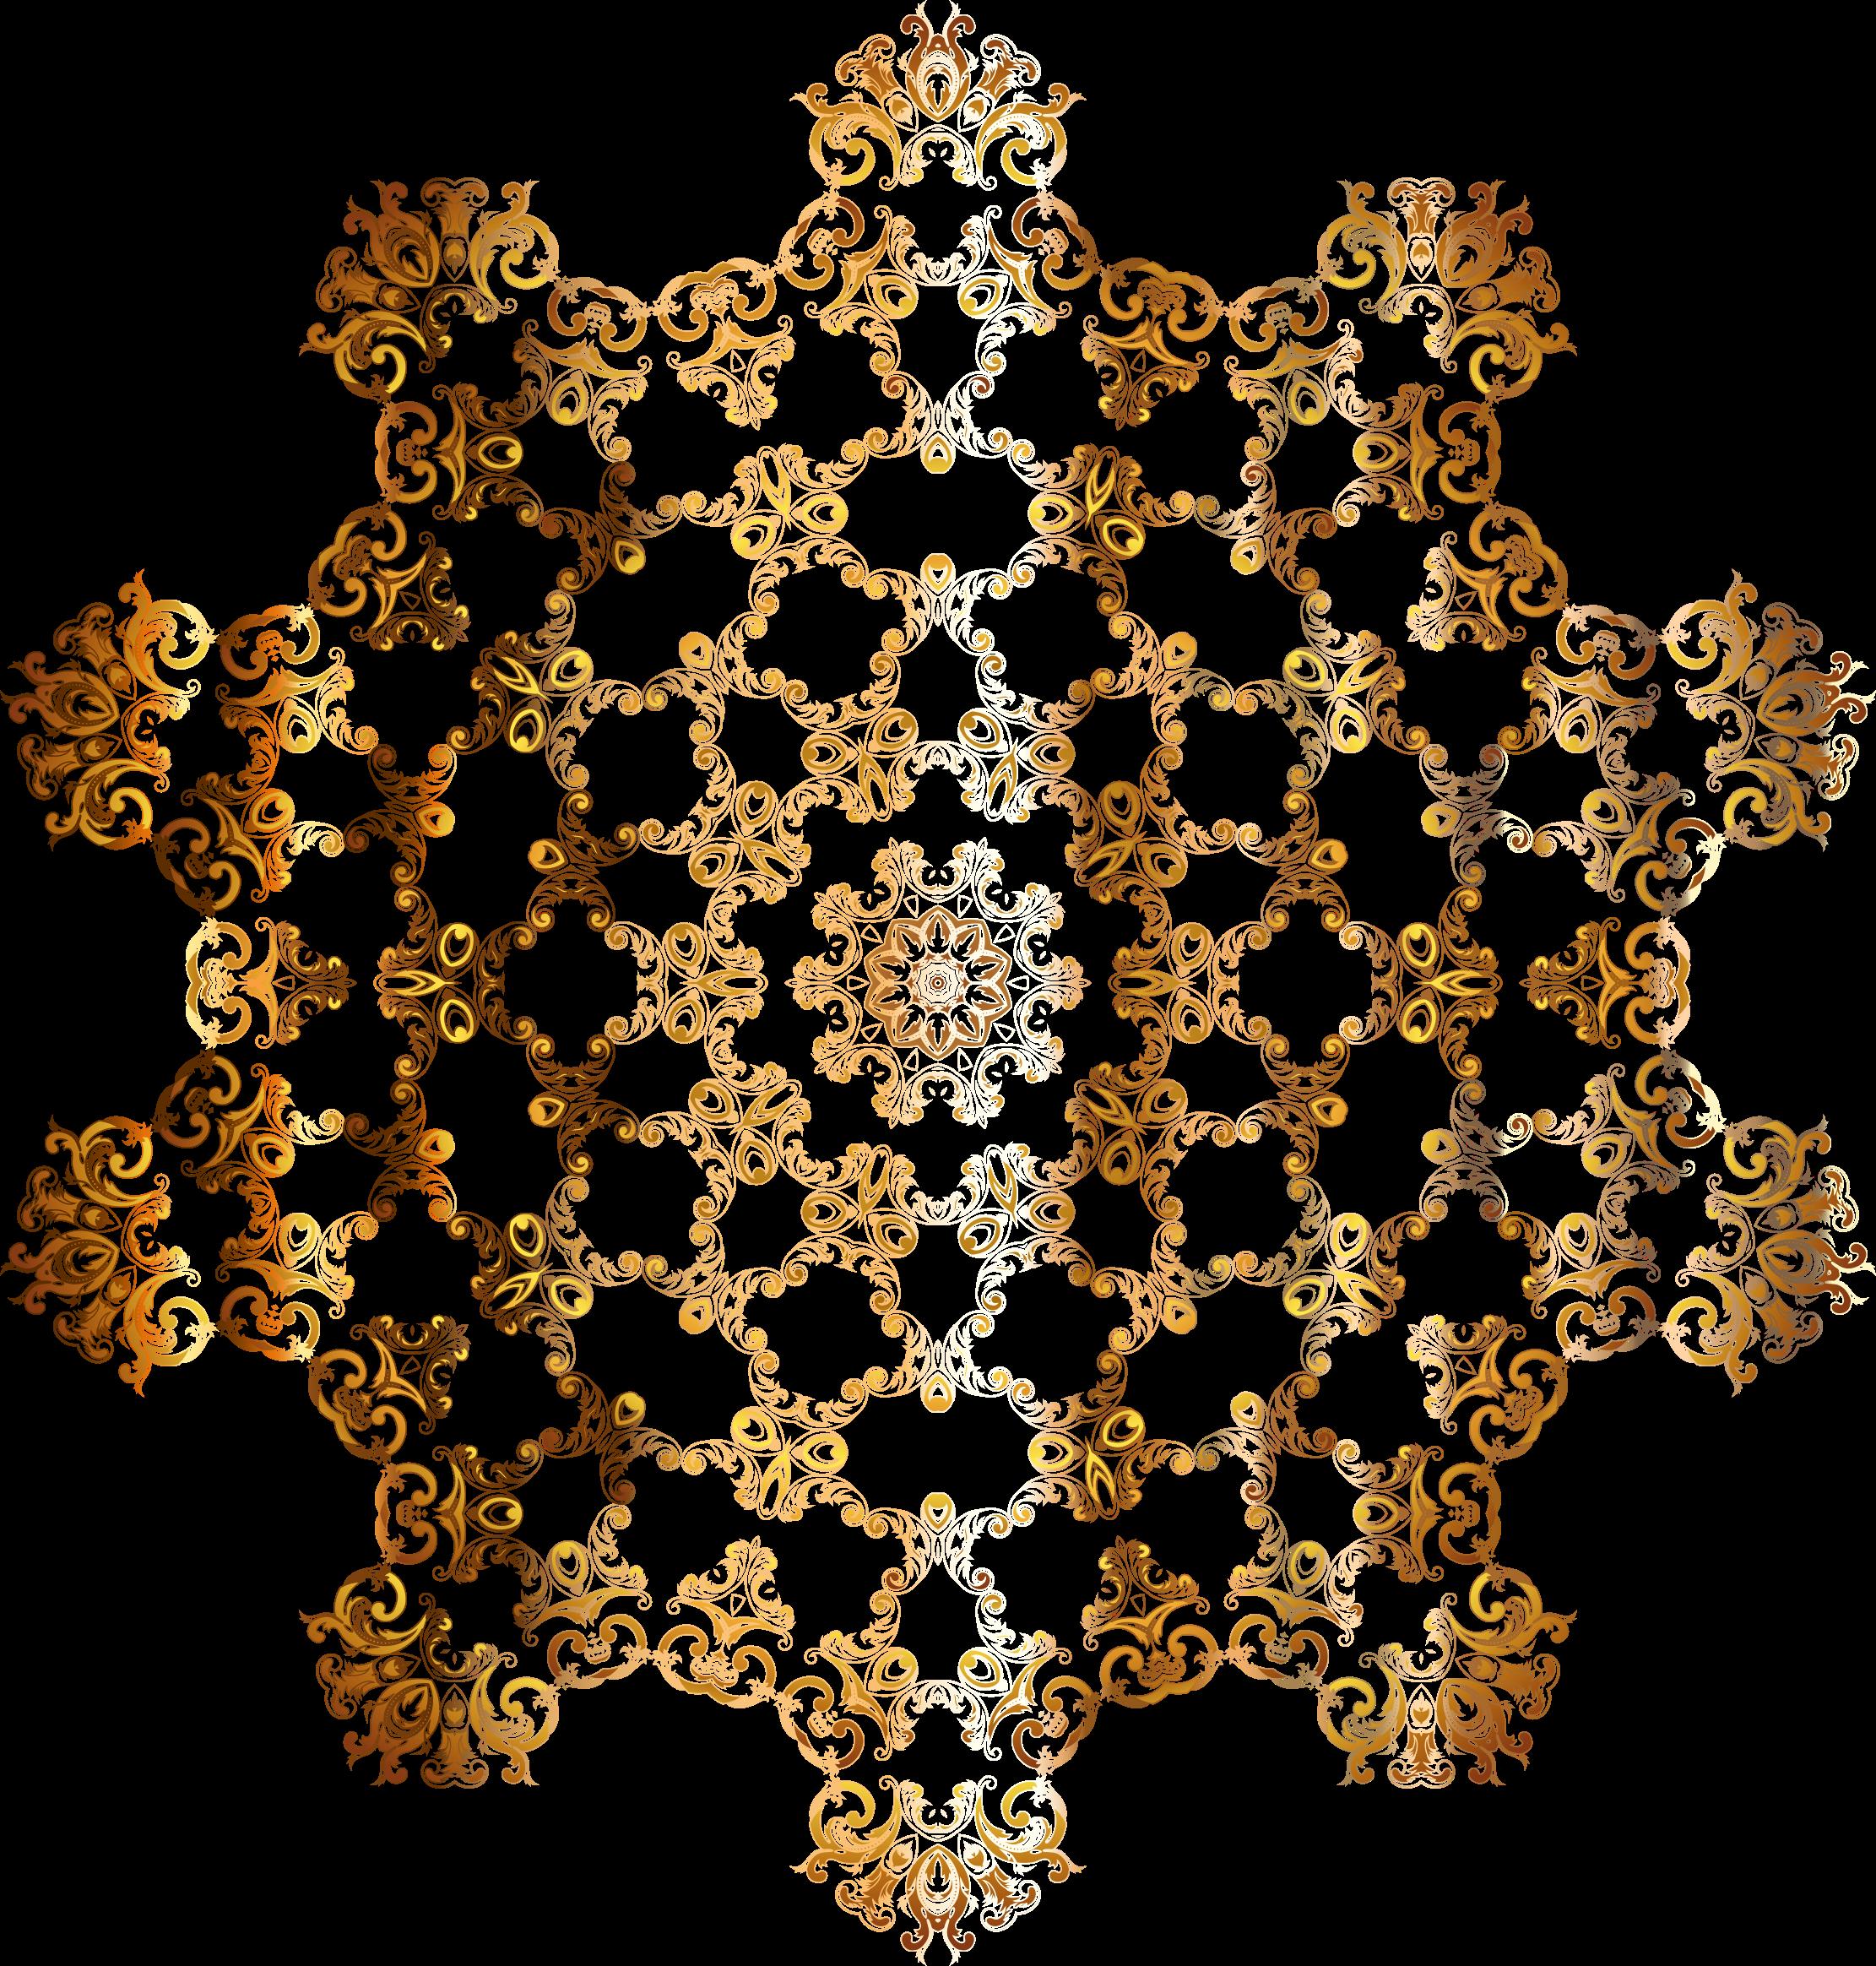 Gold vintage floral mark. Design clipart background